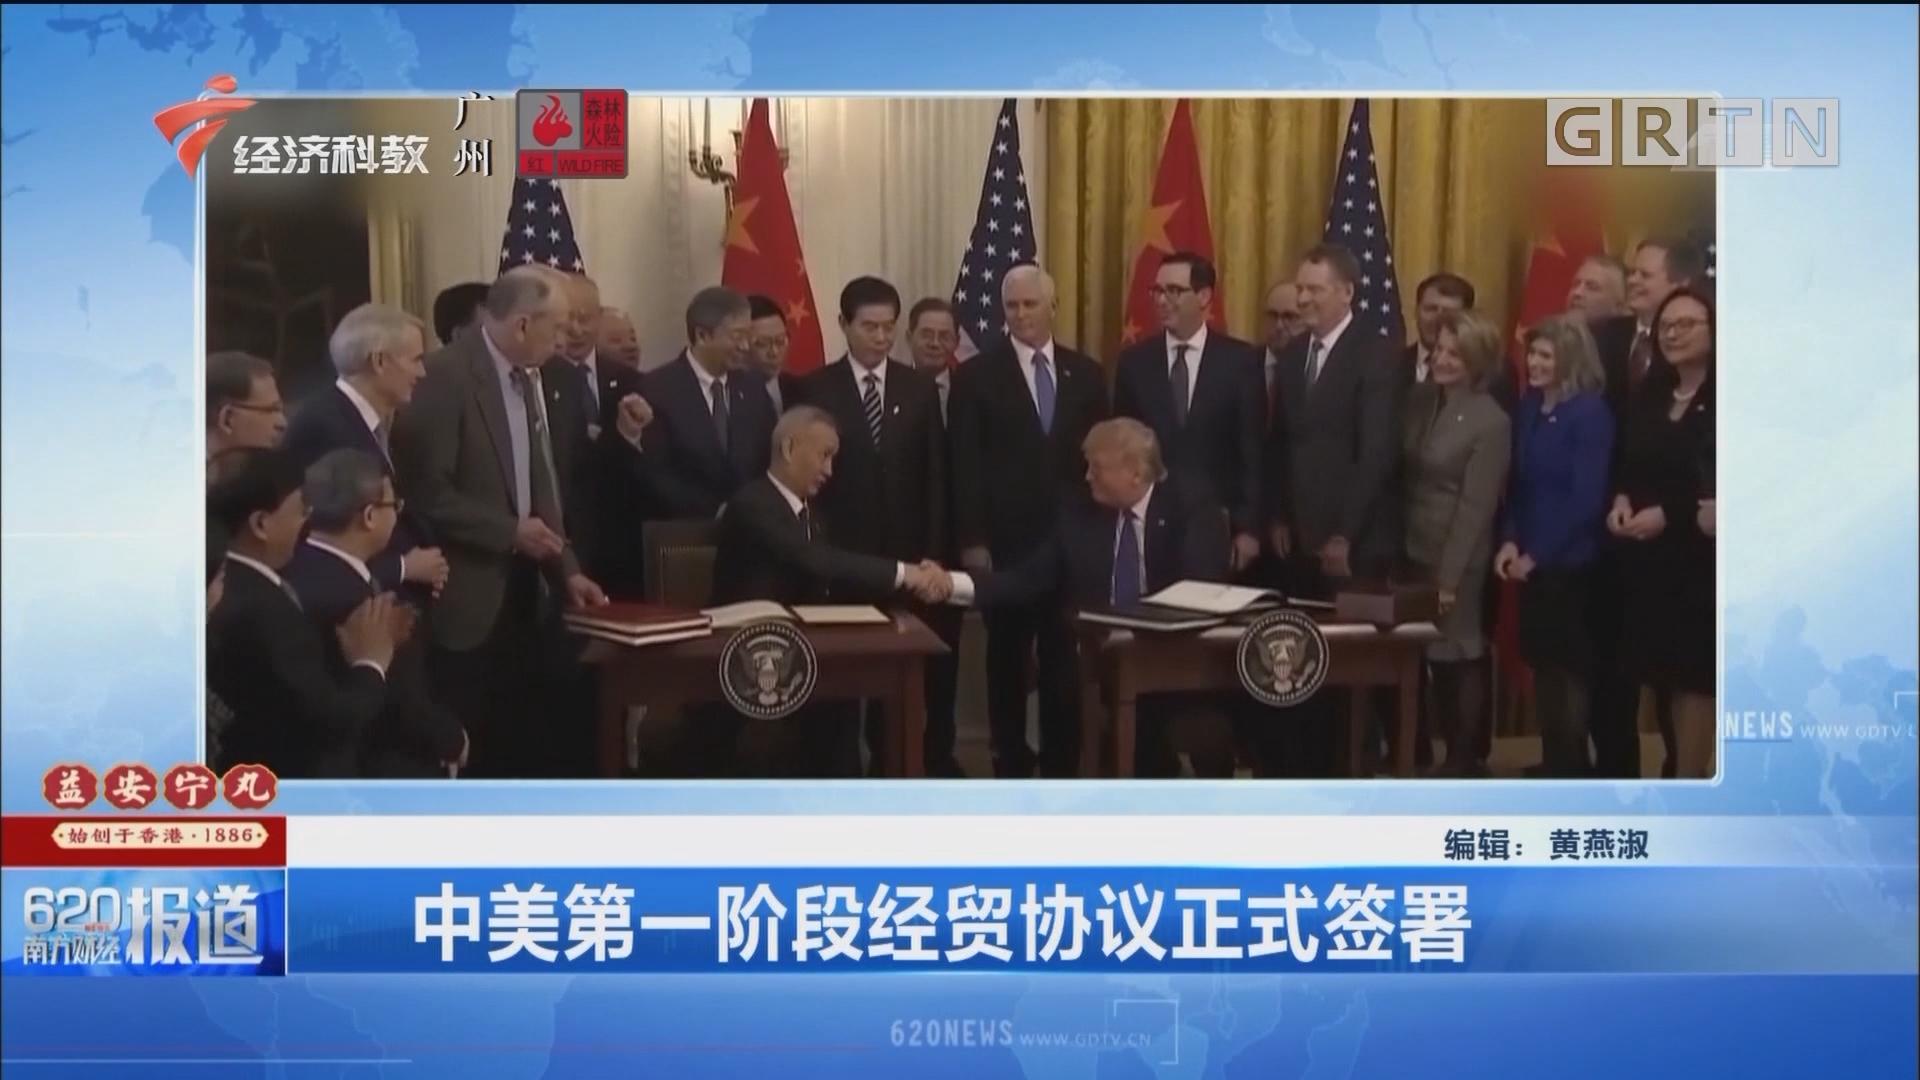 中美第一阶段经贸协议正式签署